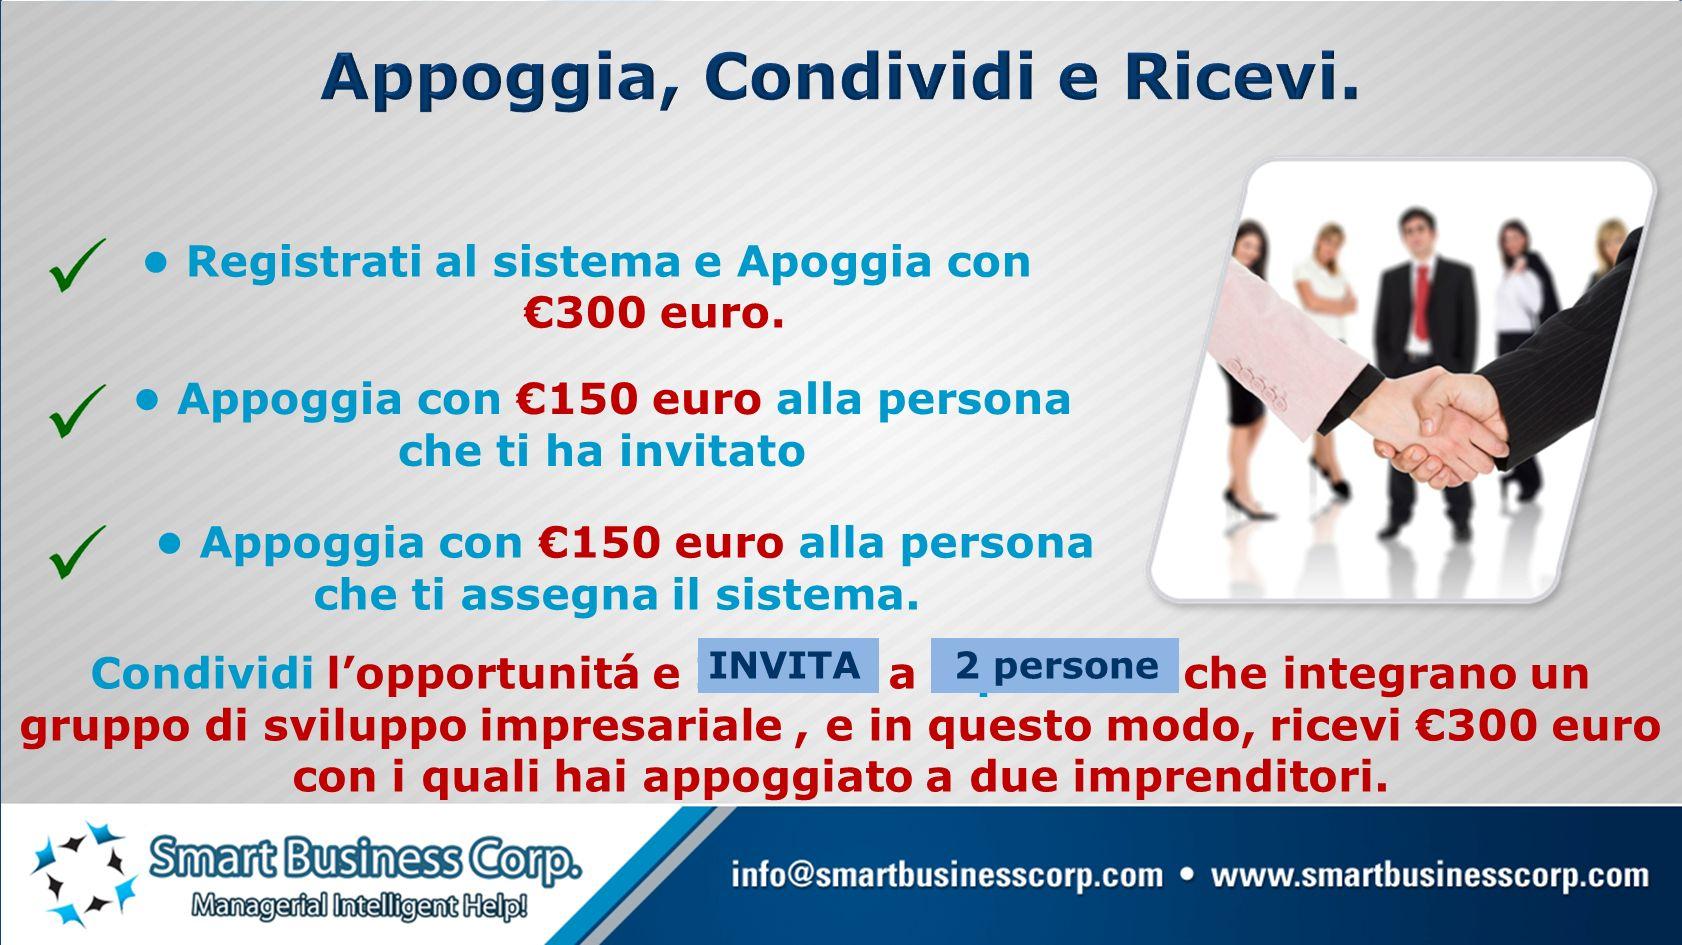 PER CONDIVIDERE Ricevi un appoggio di 150 euros per ogni persona con la quale condividi lopportunitá e che decide integrarsi al tuo gruppo.